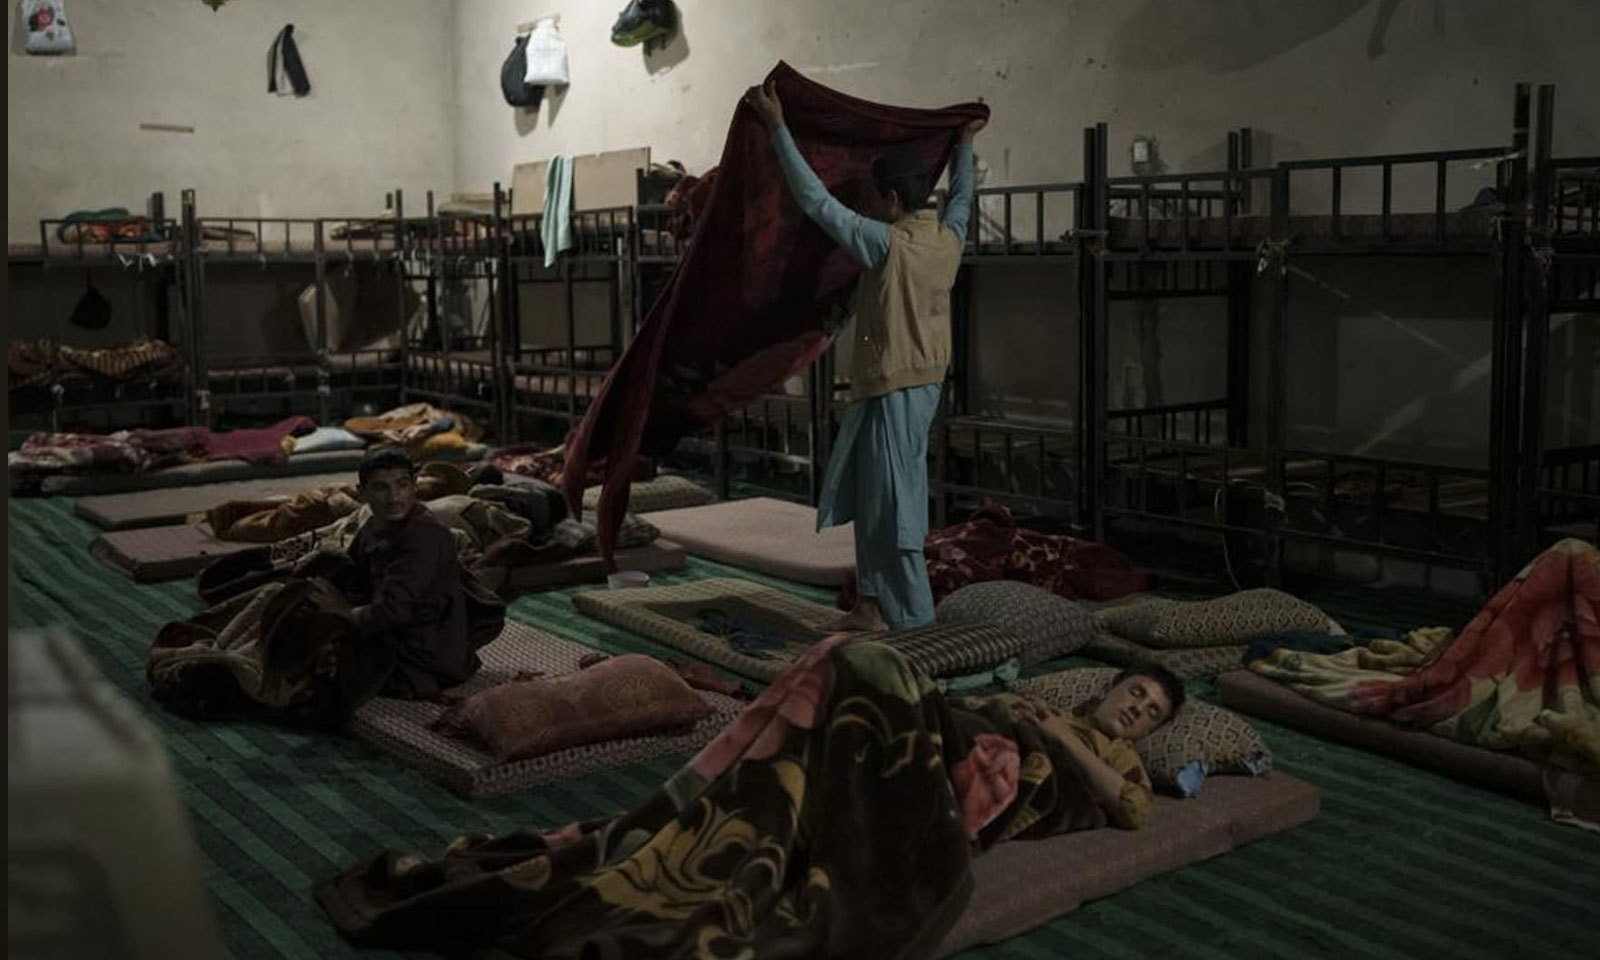 مدراس کے طلبا علی الصبح بیدار ہوتے ہیں—فوٹو: اے پی